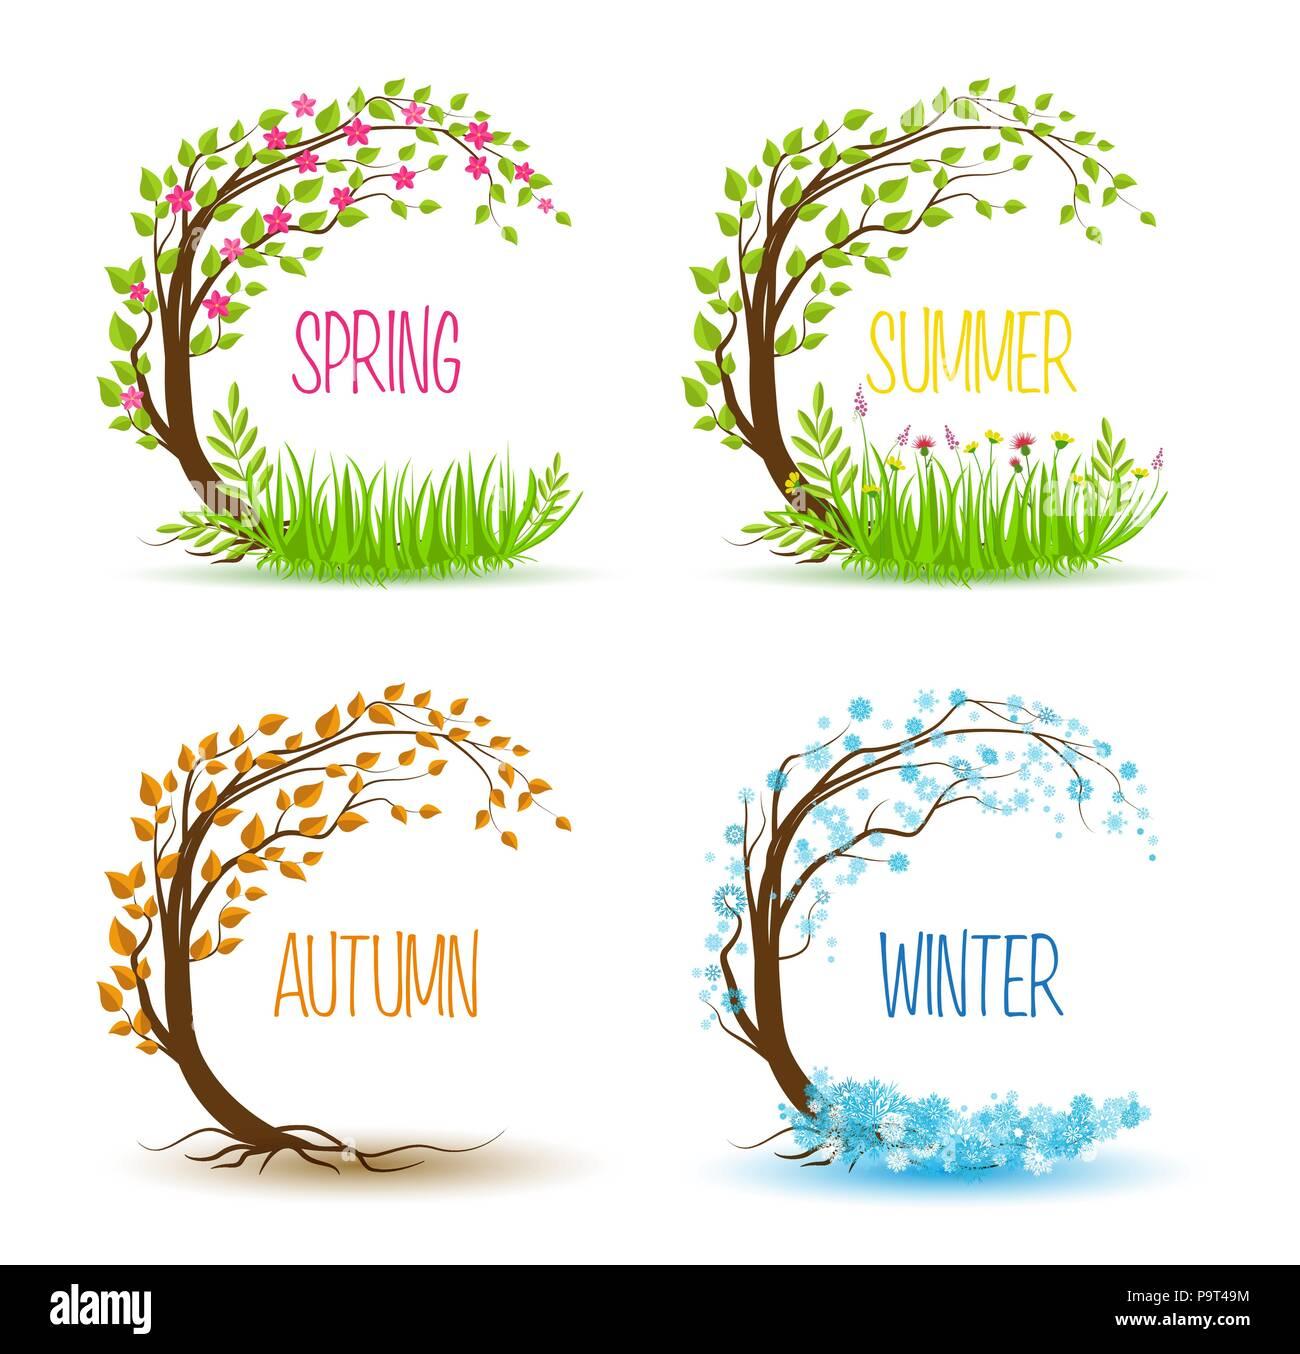 spring summer fall